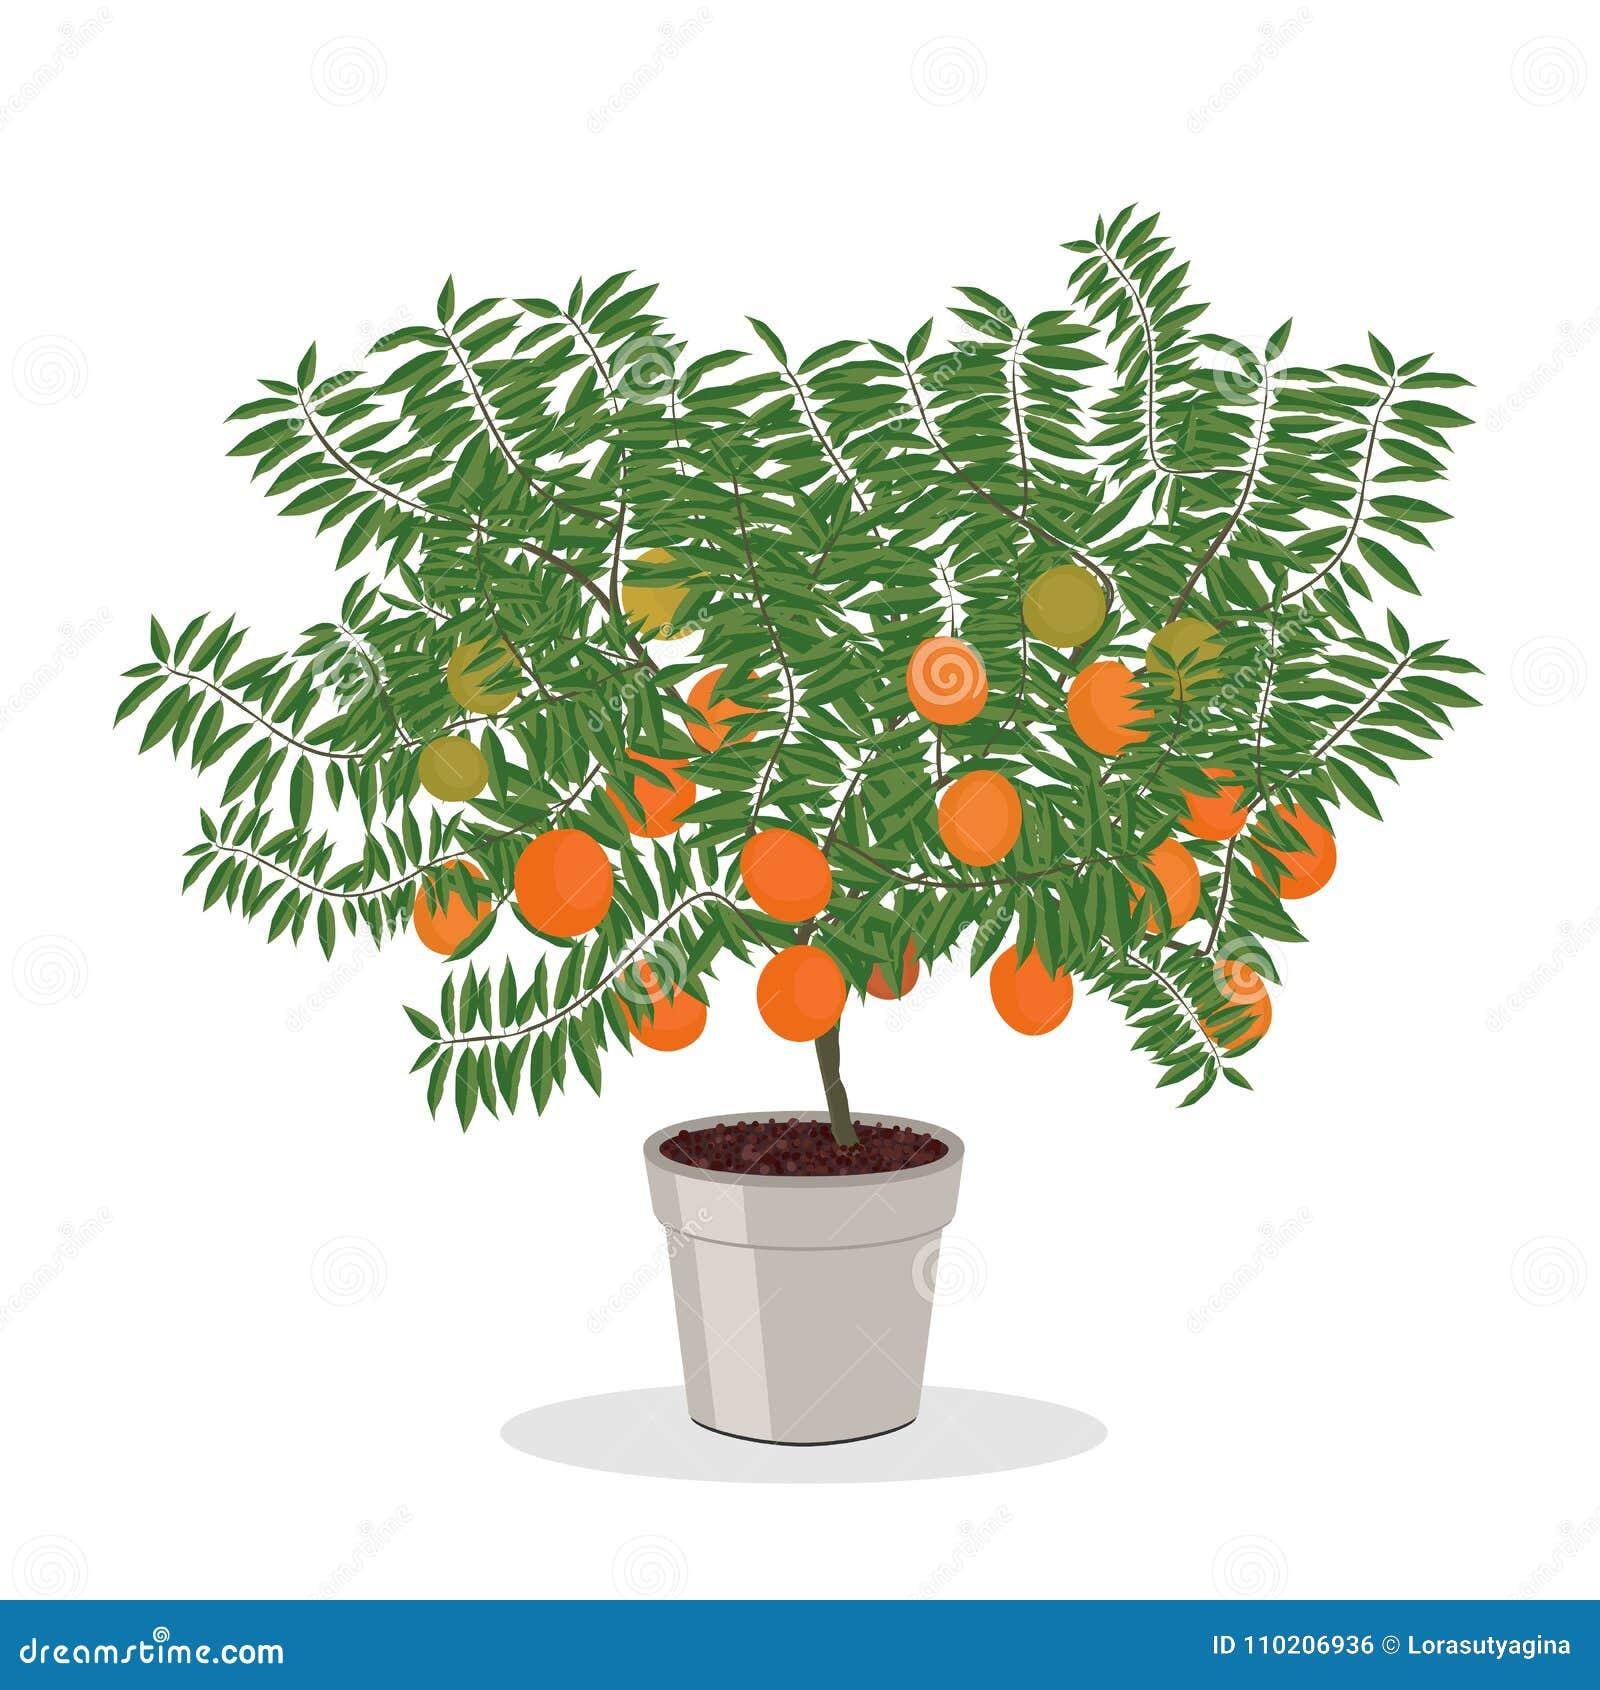 arbre orange s 39 levant dans l 39 illustration d 39 arbre fruitier de pot illustration de vecteur. Black Bedroom Furniture Sets. Home Design Ideas